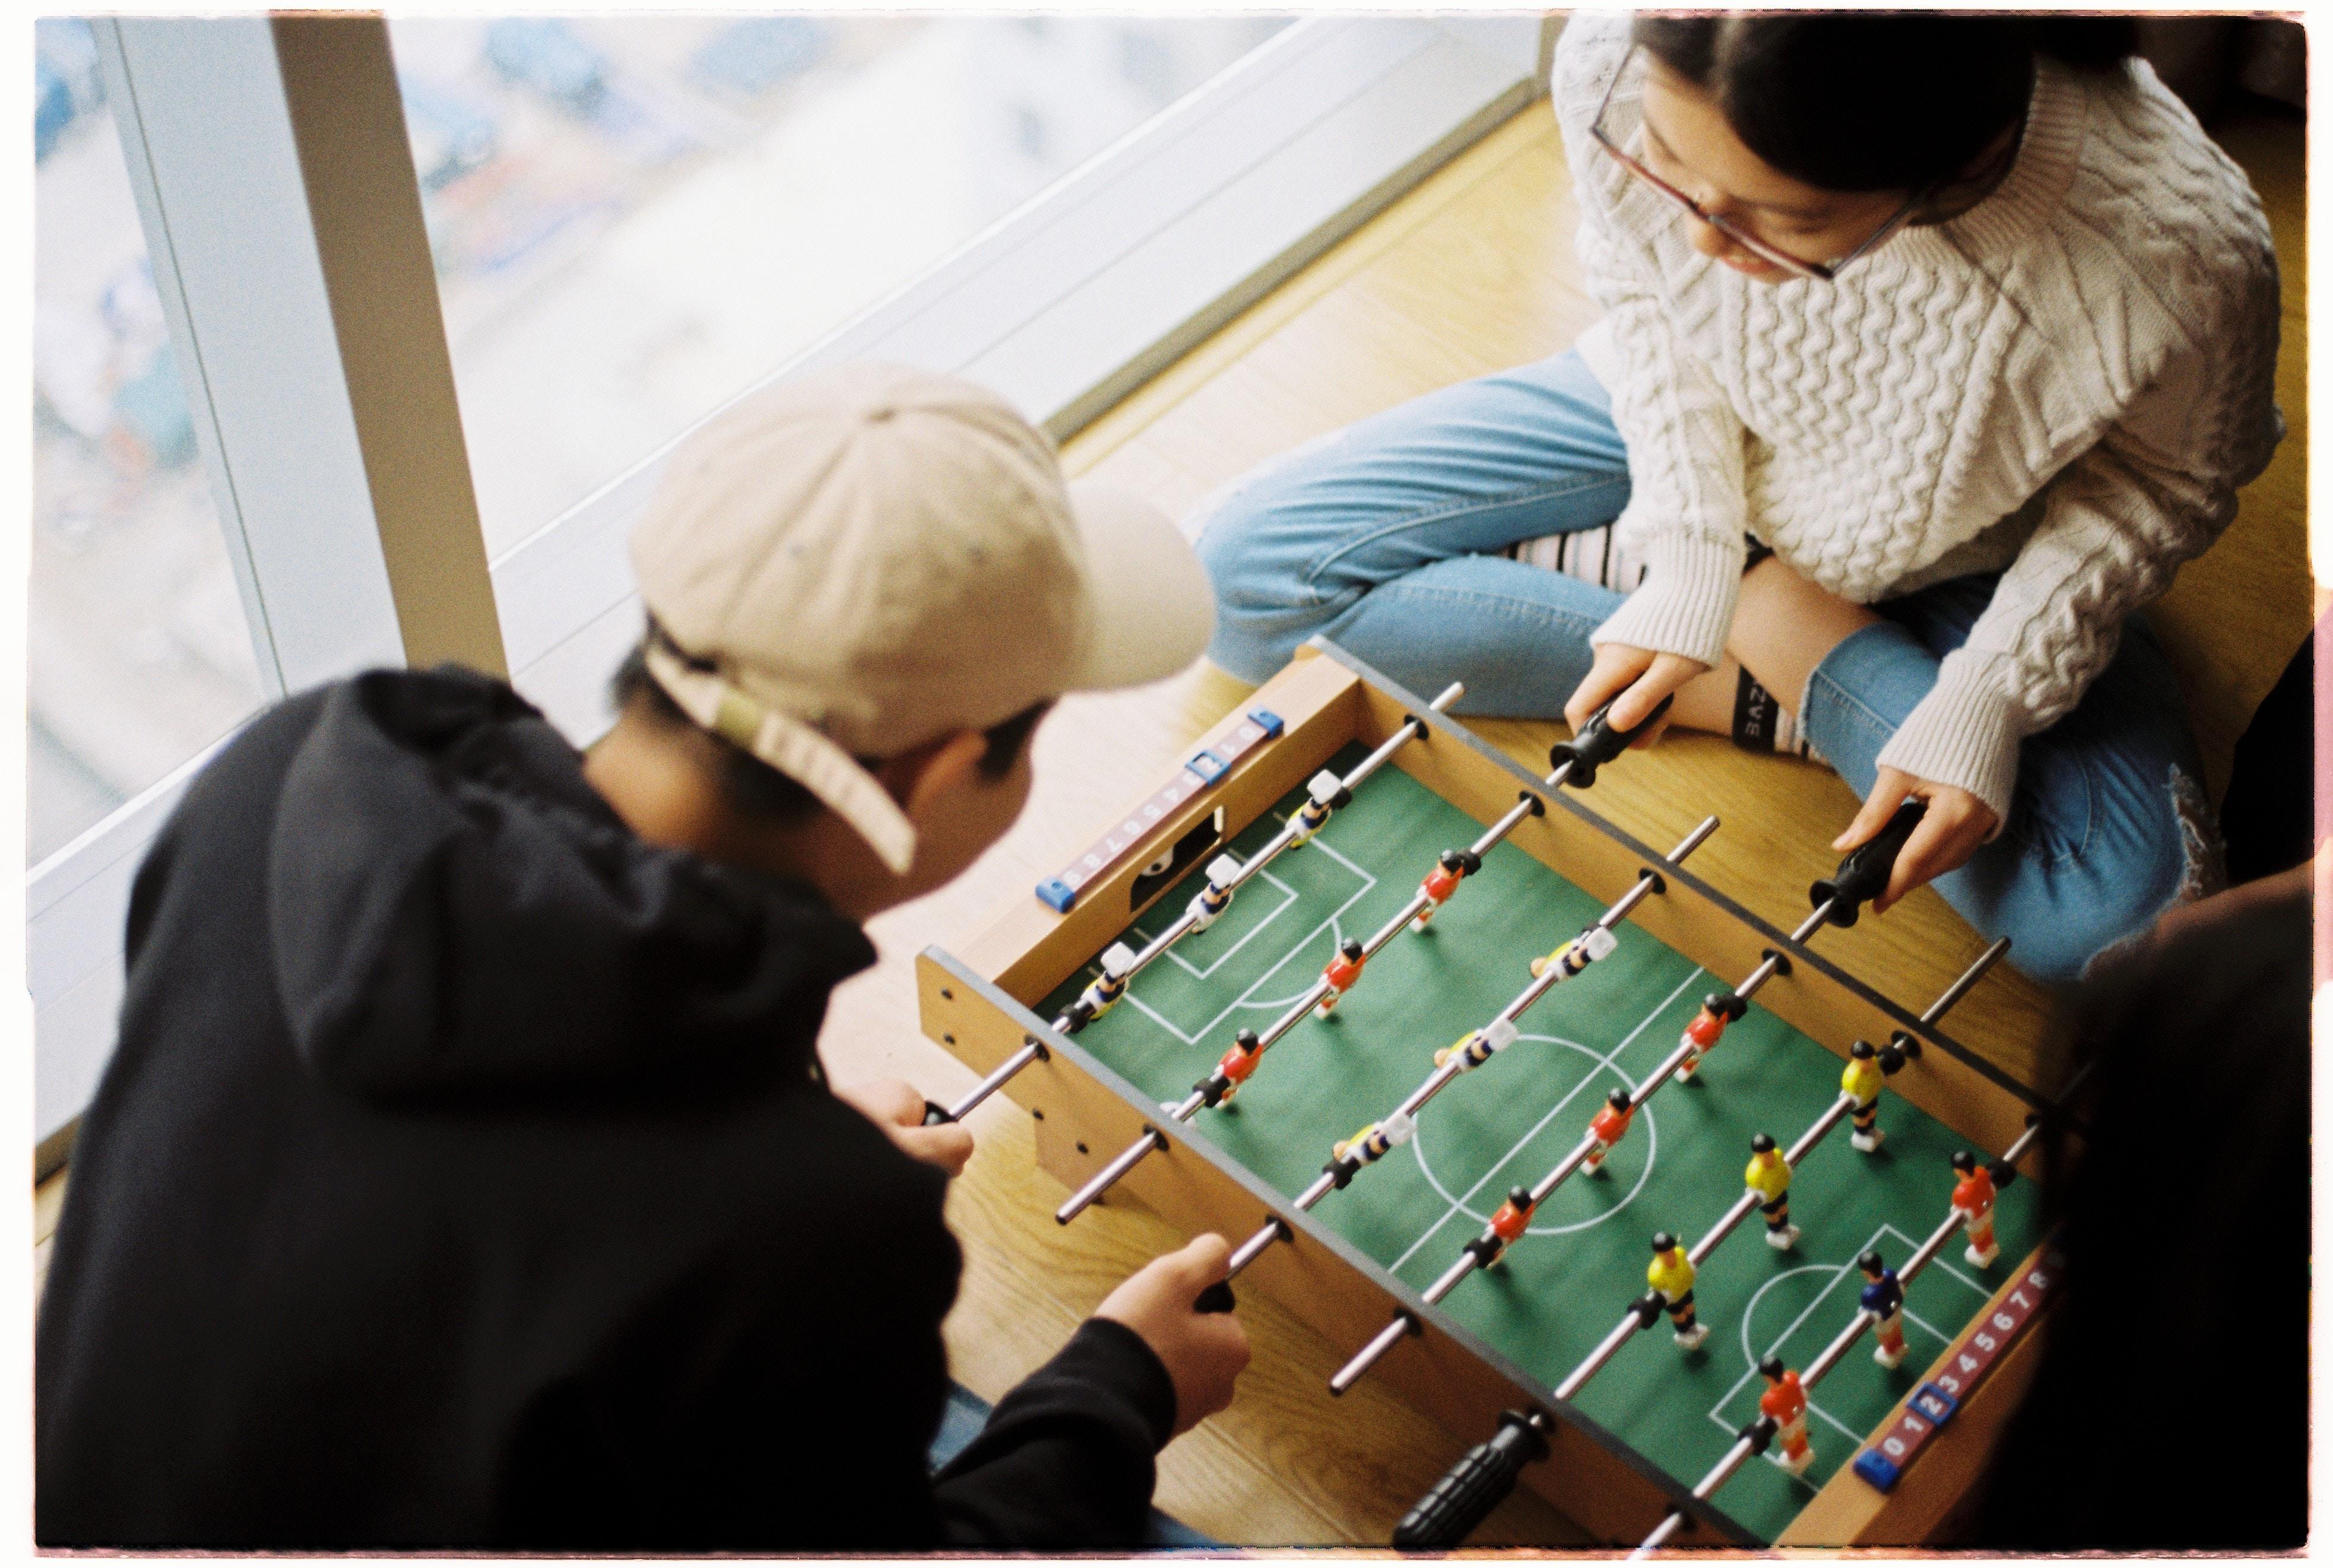 แนะนำเกมมือถือ เกมมือถือ เกมมือถือน่าเล่น เกมมือถือ มันๆ เกมมือถือ 2018 เกมมือถือมันๆ เกมมือถือแนะนำ เกมส์มือถือใหม่